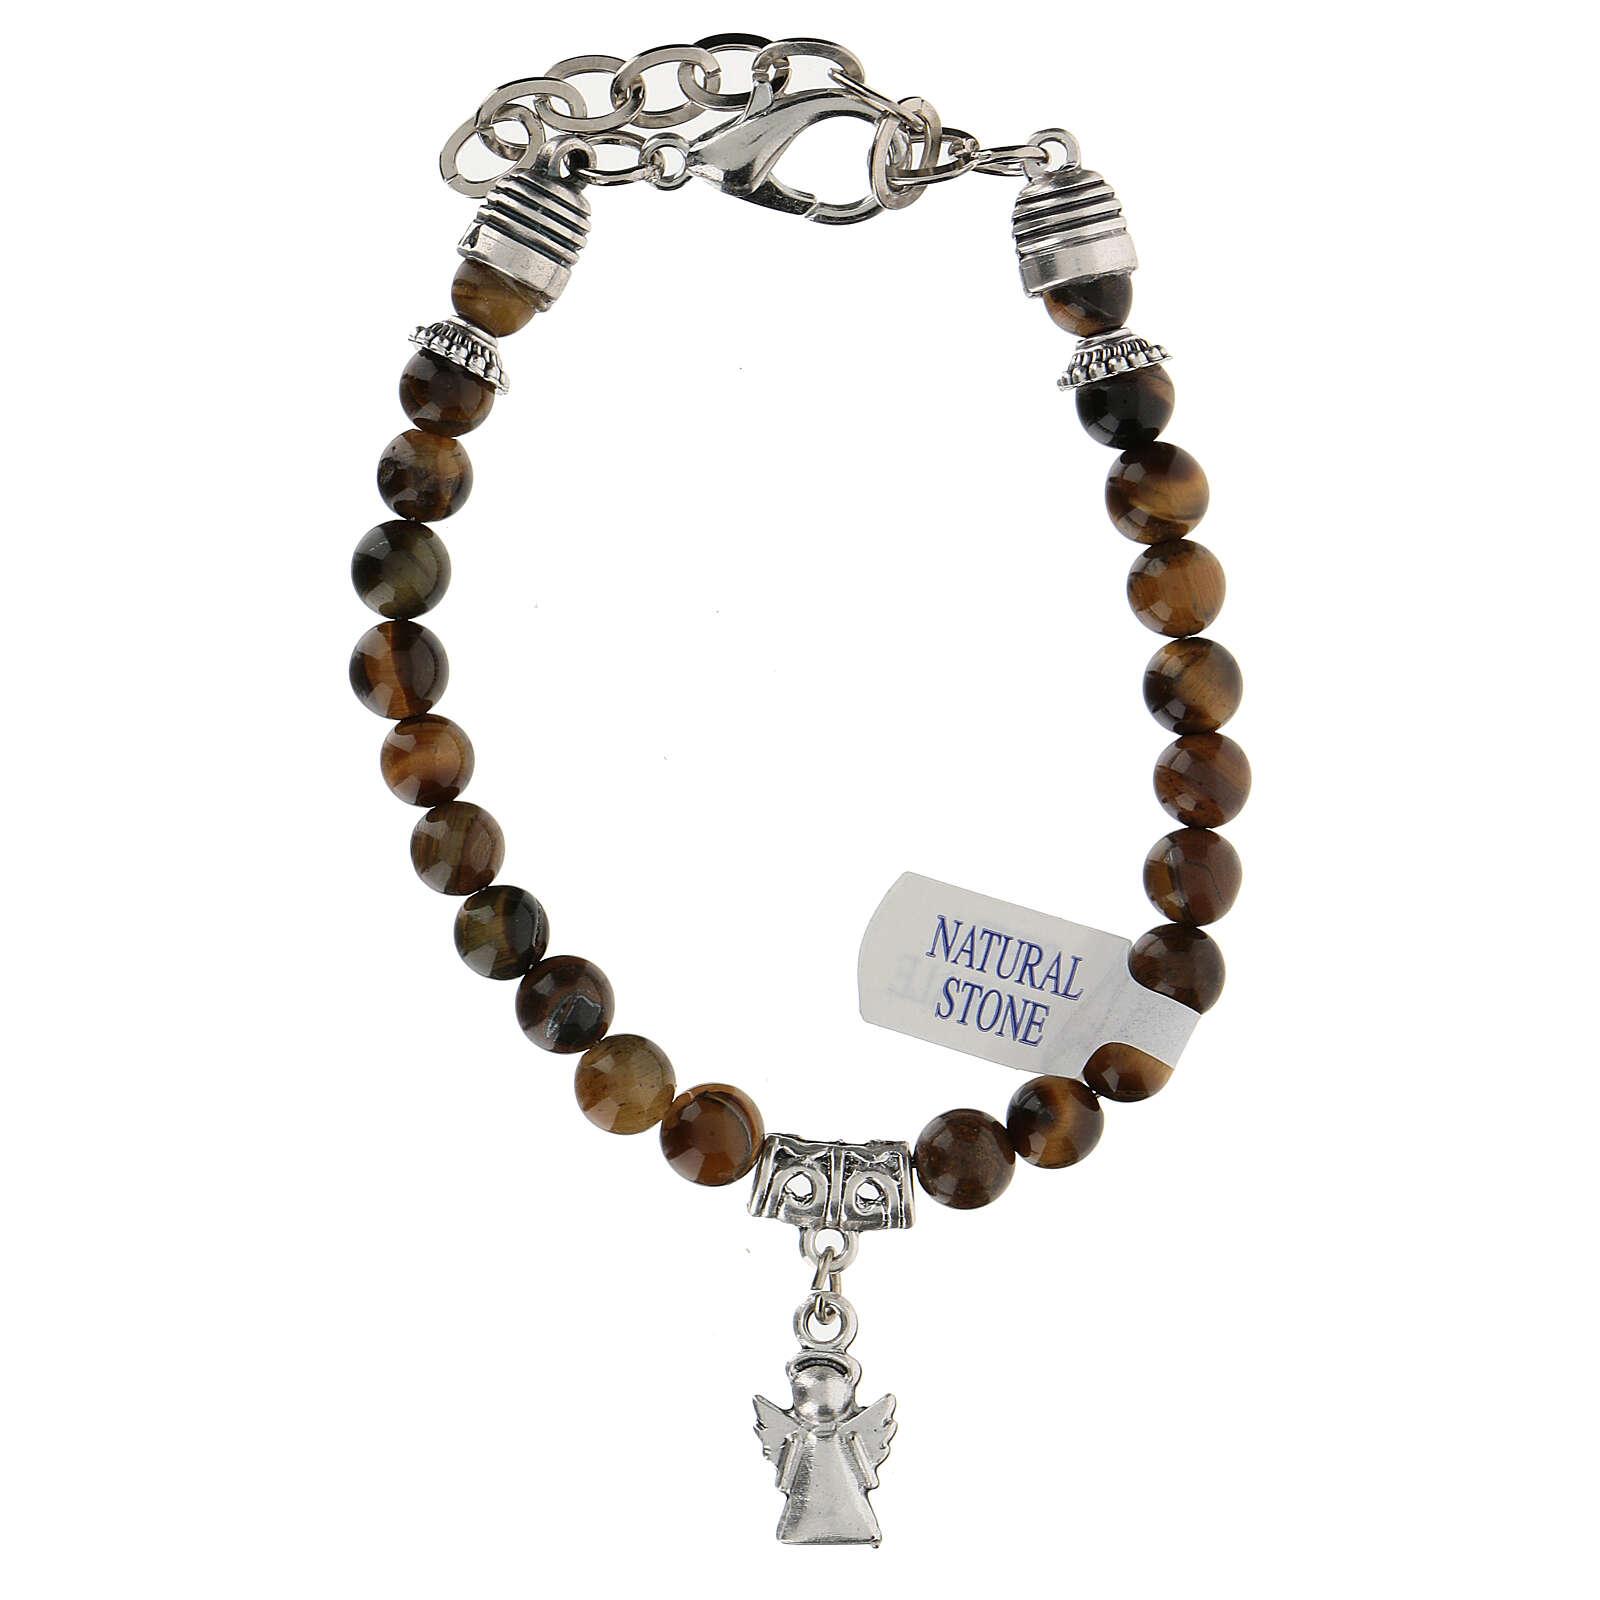 Guardian angel charm bracelet in Tiger's eye stone 4